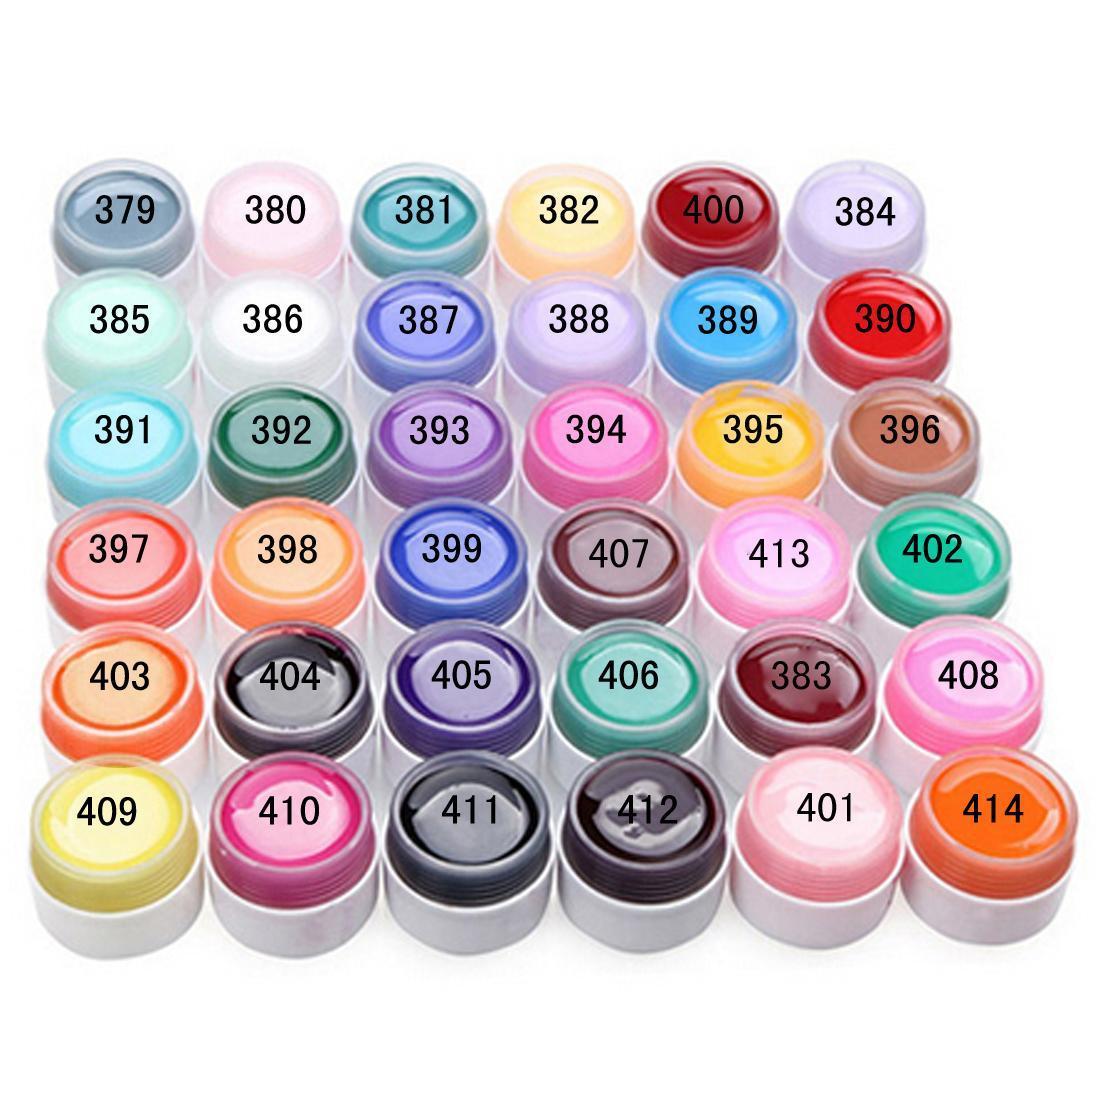 36 Pots Pure Colors Gel Nail Polish UV Nail Art DIY Decoration for Nail Manicure(China (Mainland))